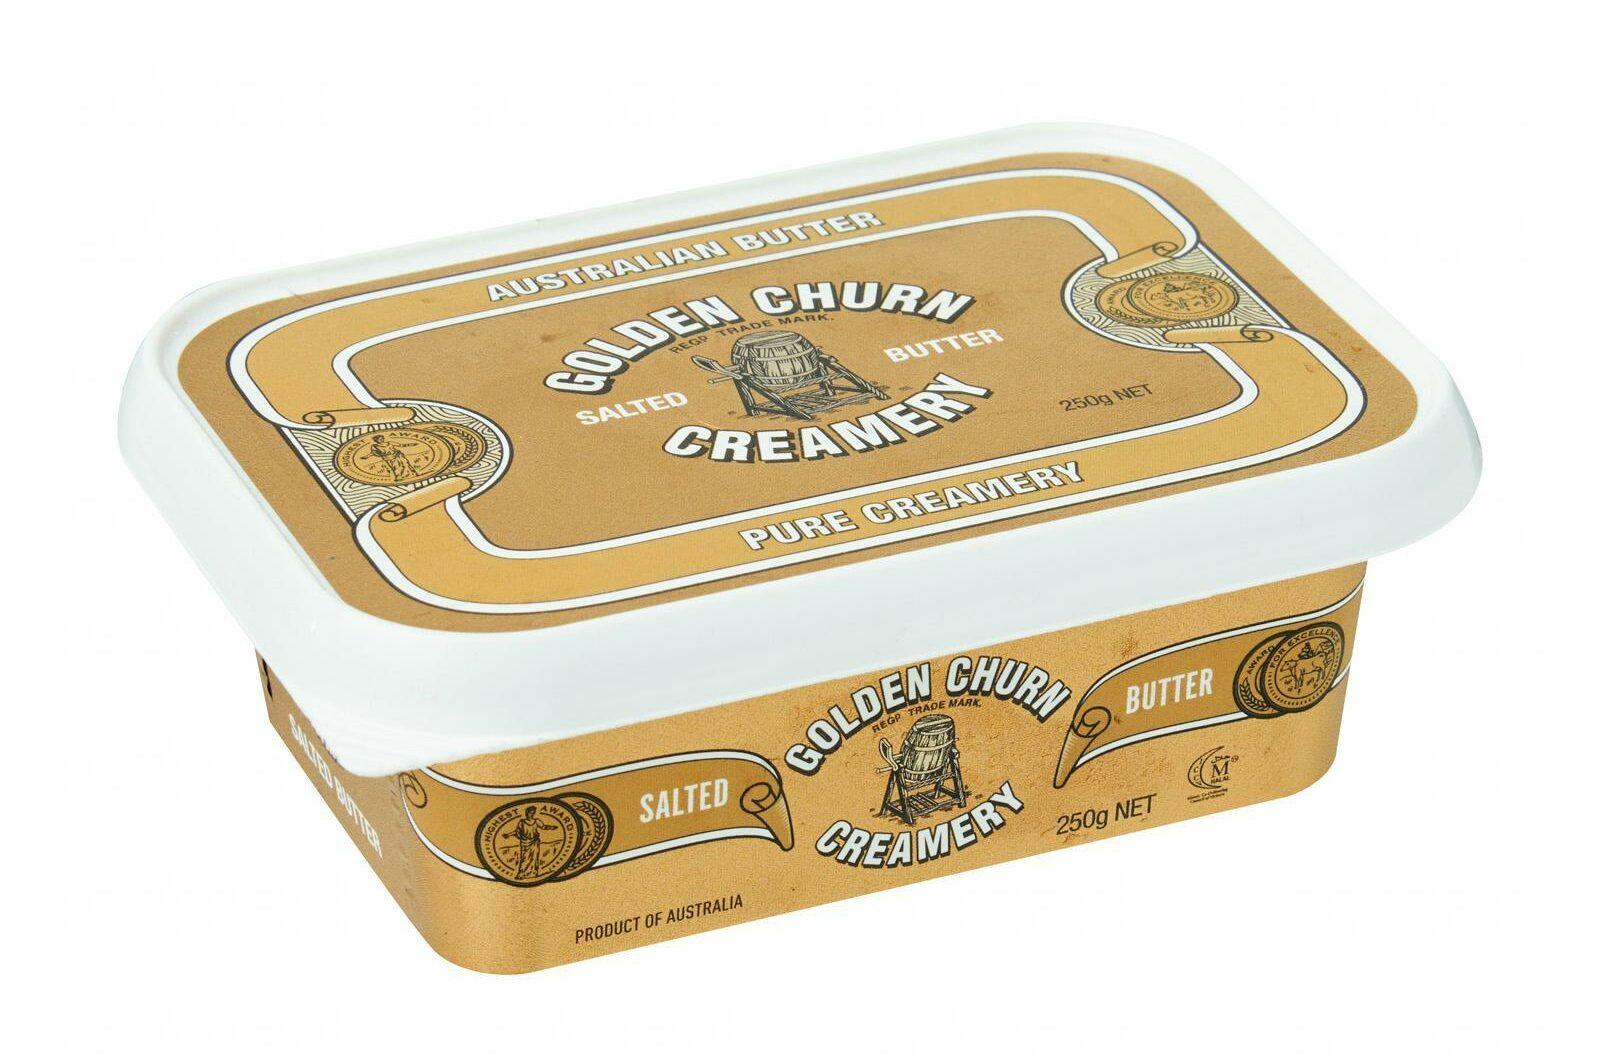 Golden-Churn-Butter